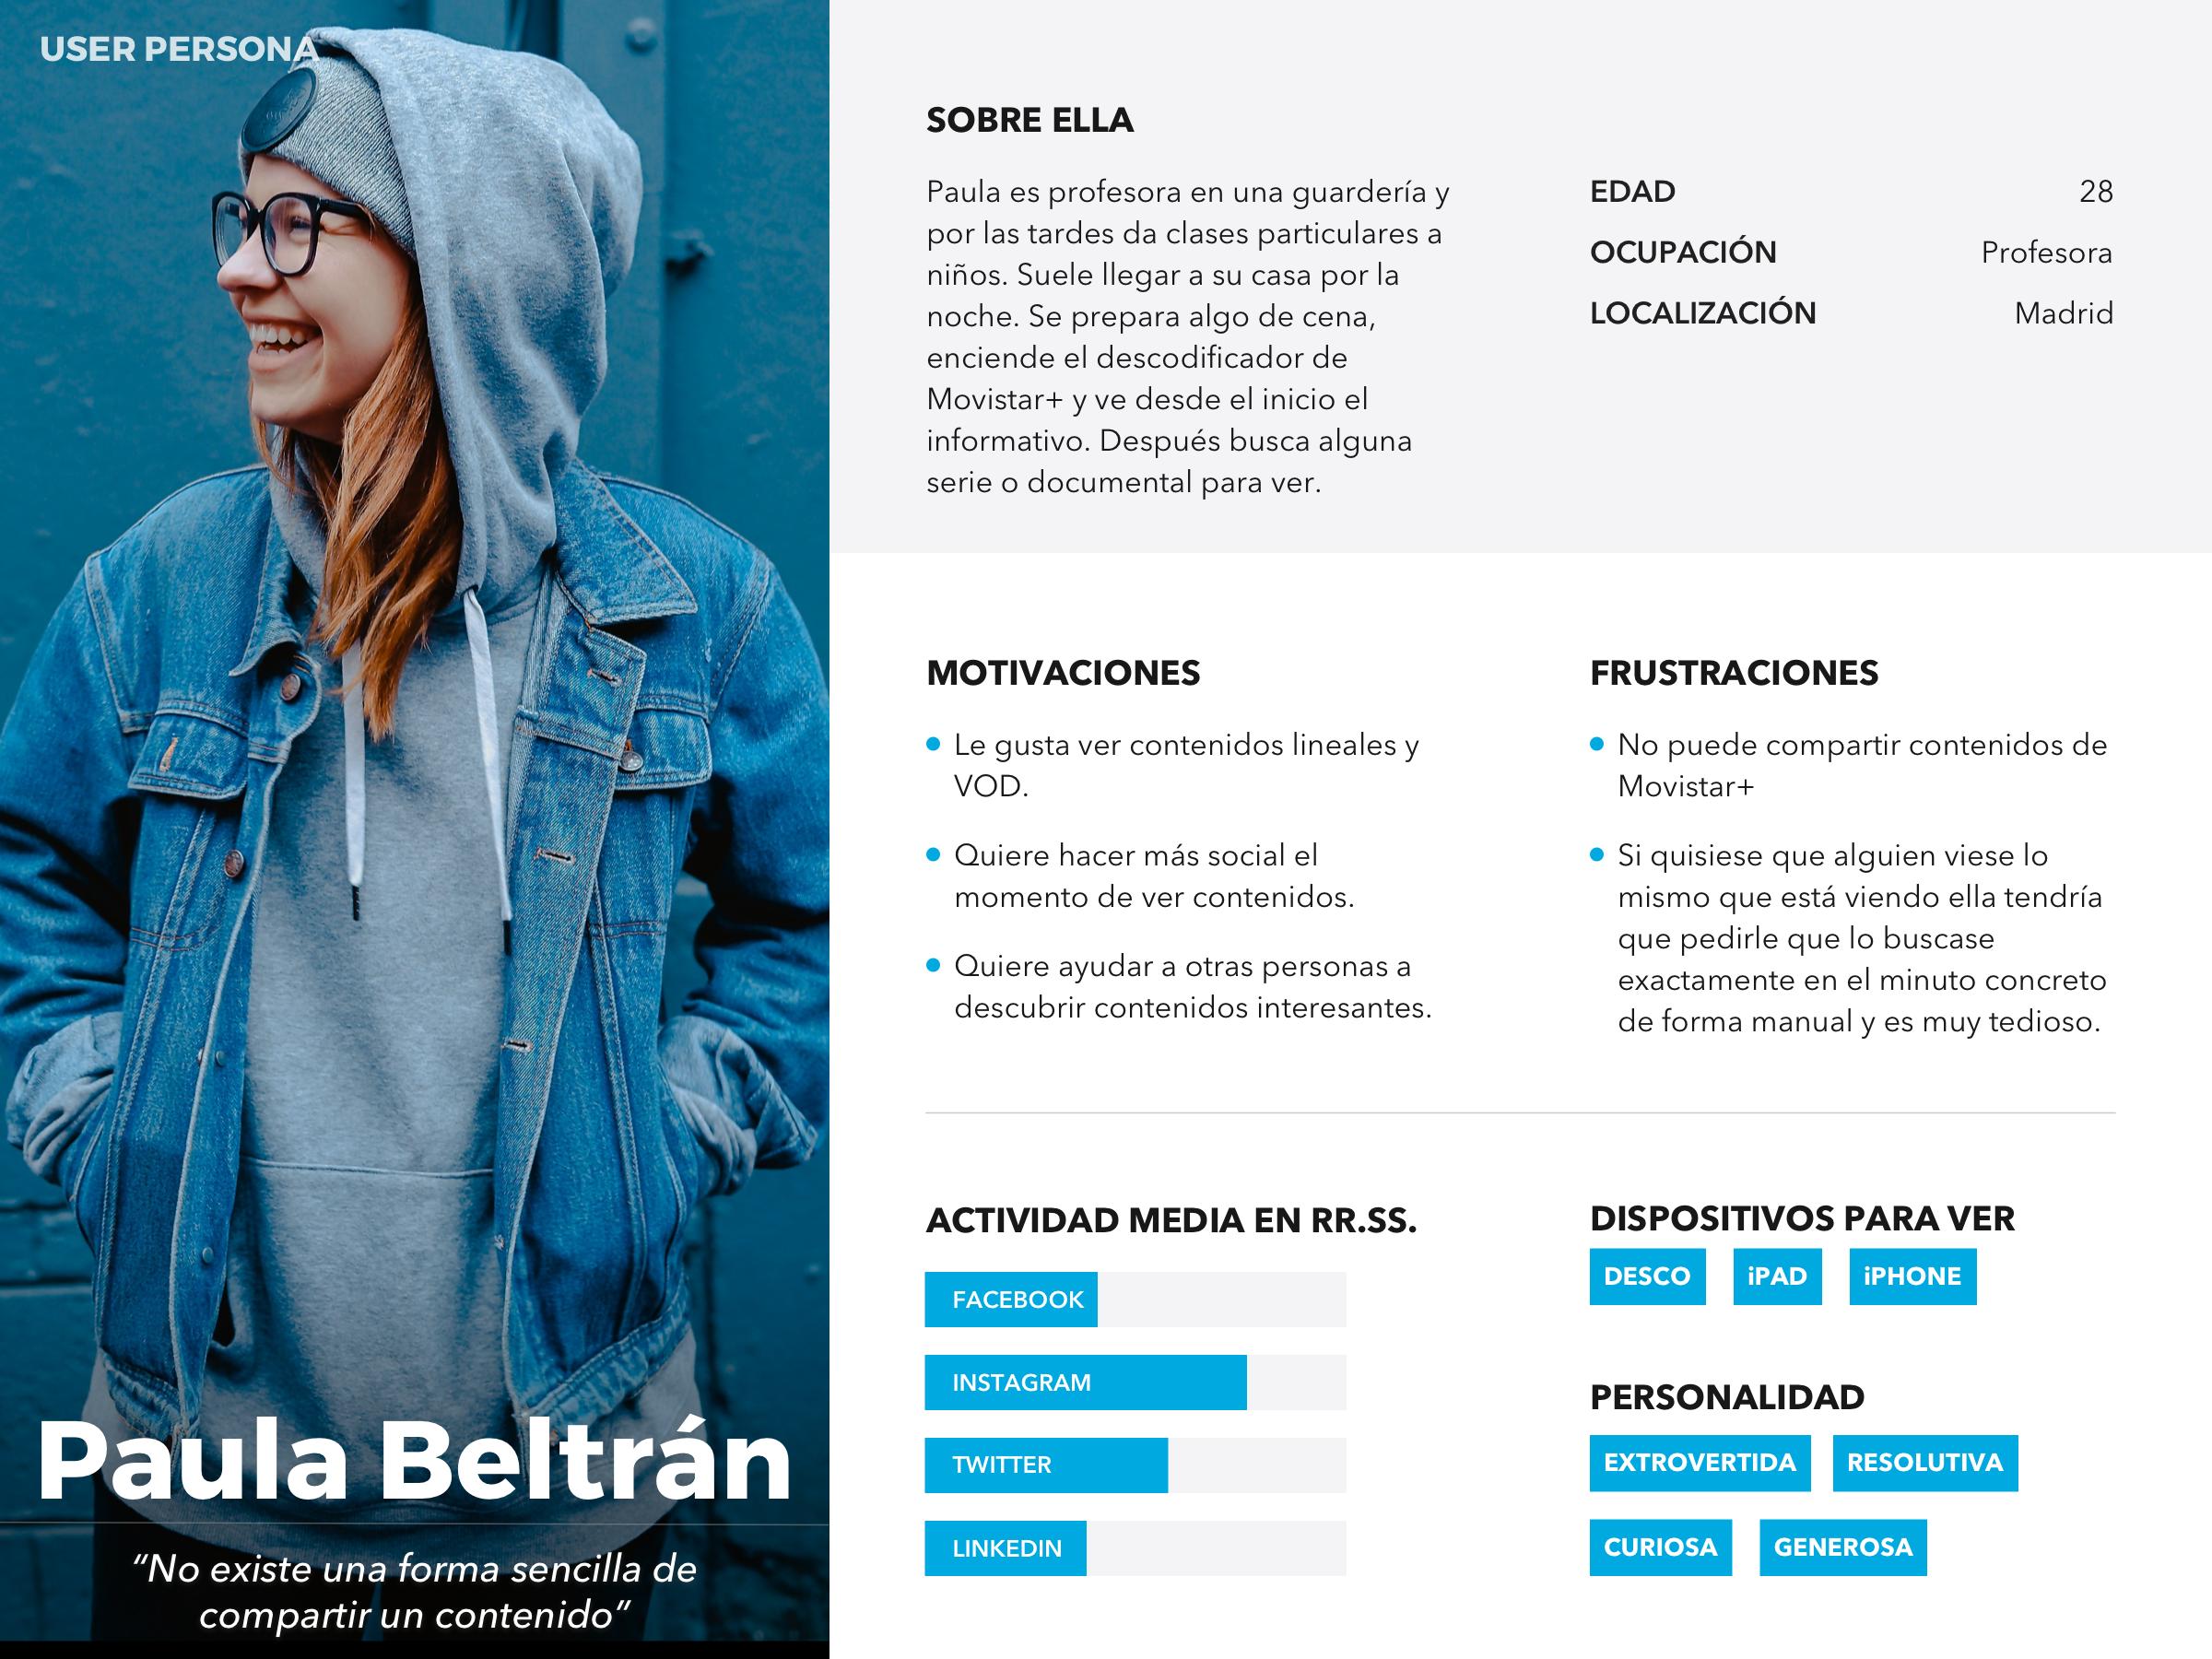 UX Persona de Paula Beltrán